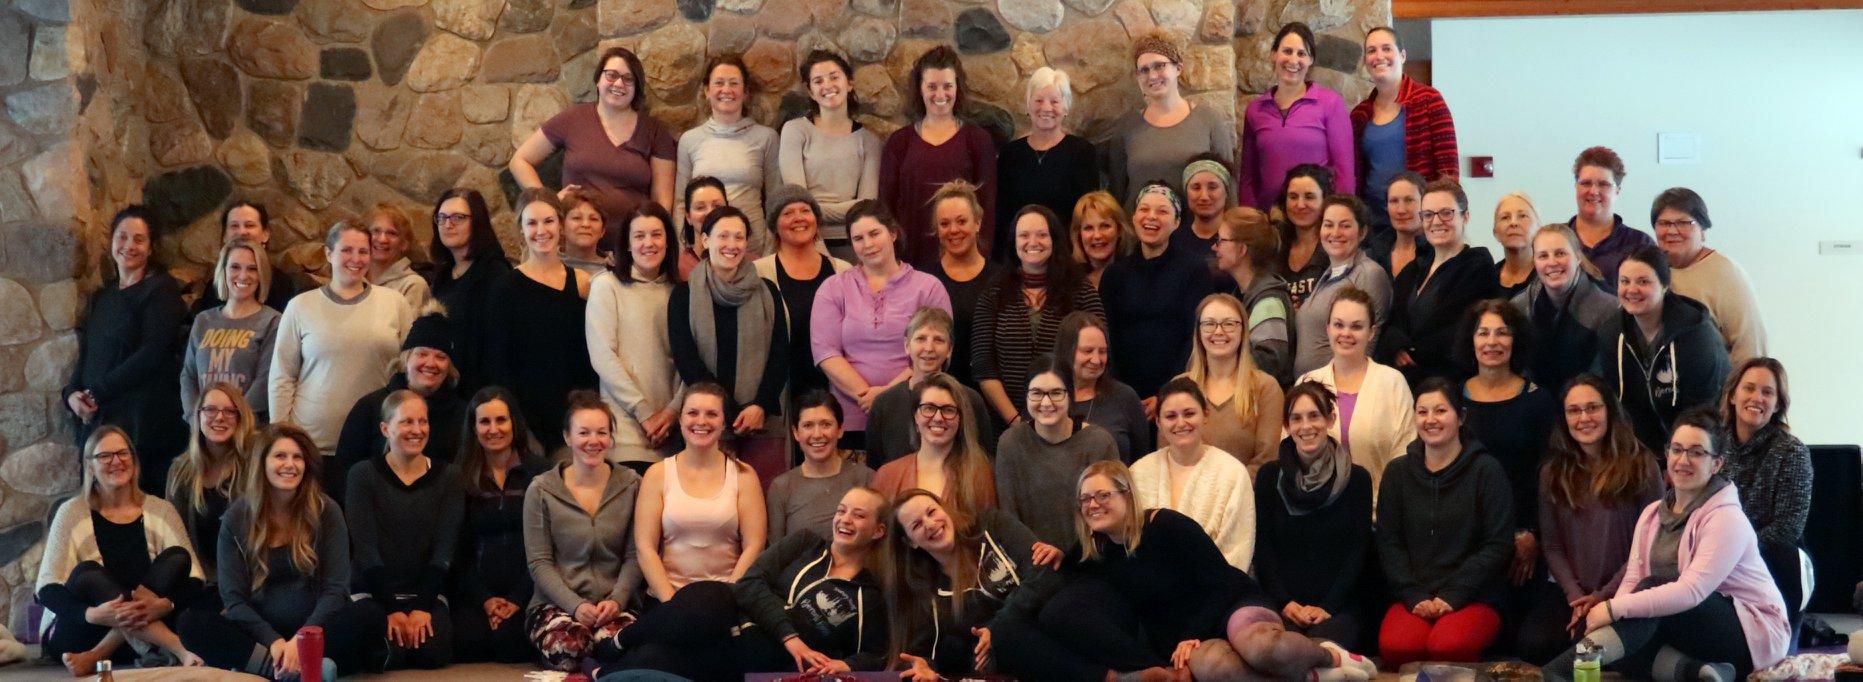 boreal bliss yoga retreats.jpg